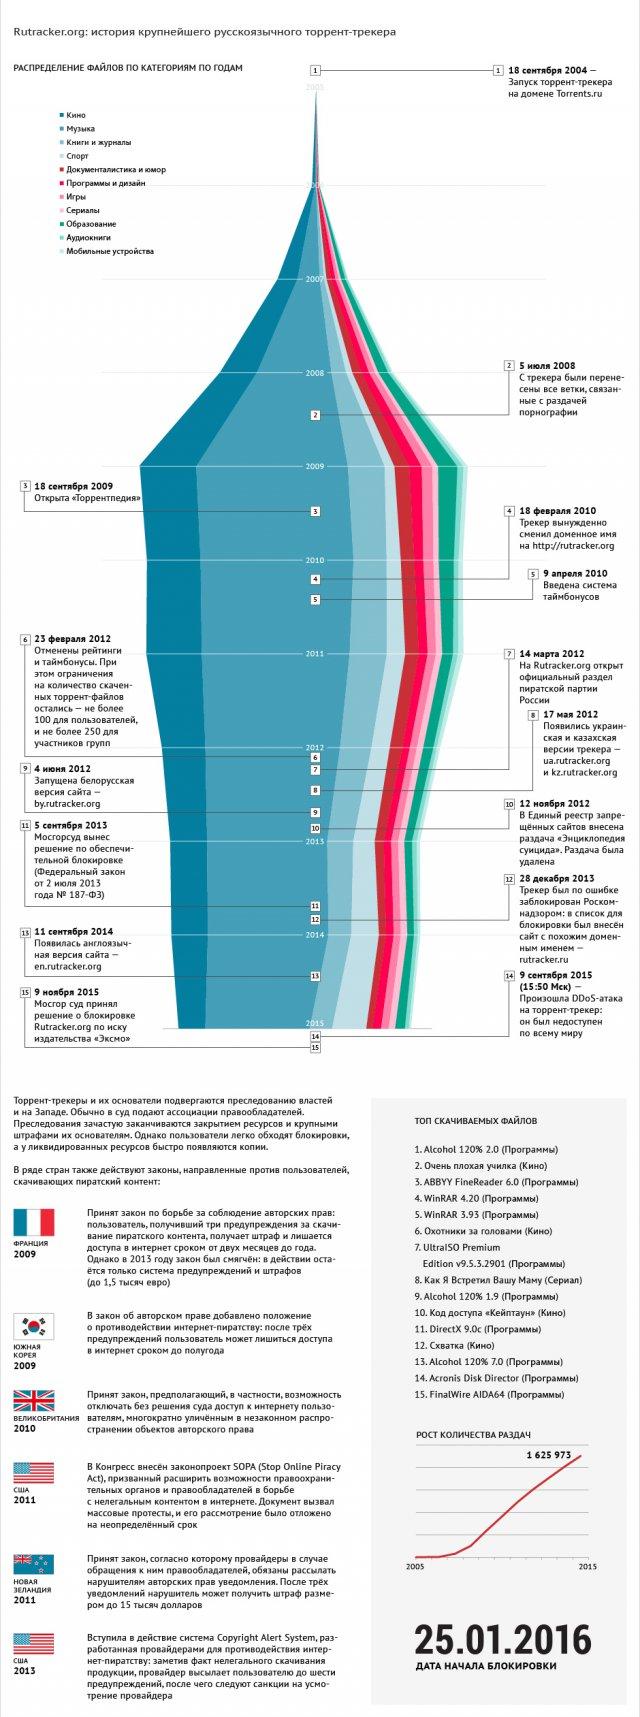 история крупнейшего русскоязычного торрент-трекера